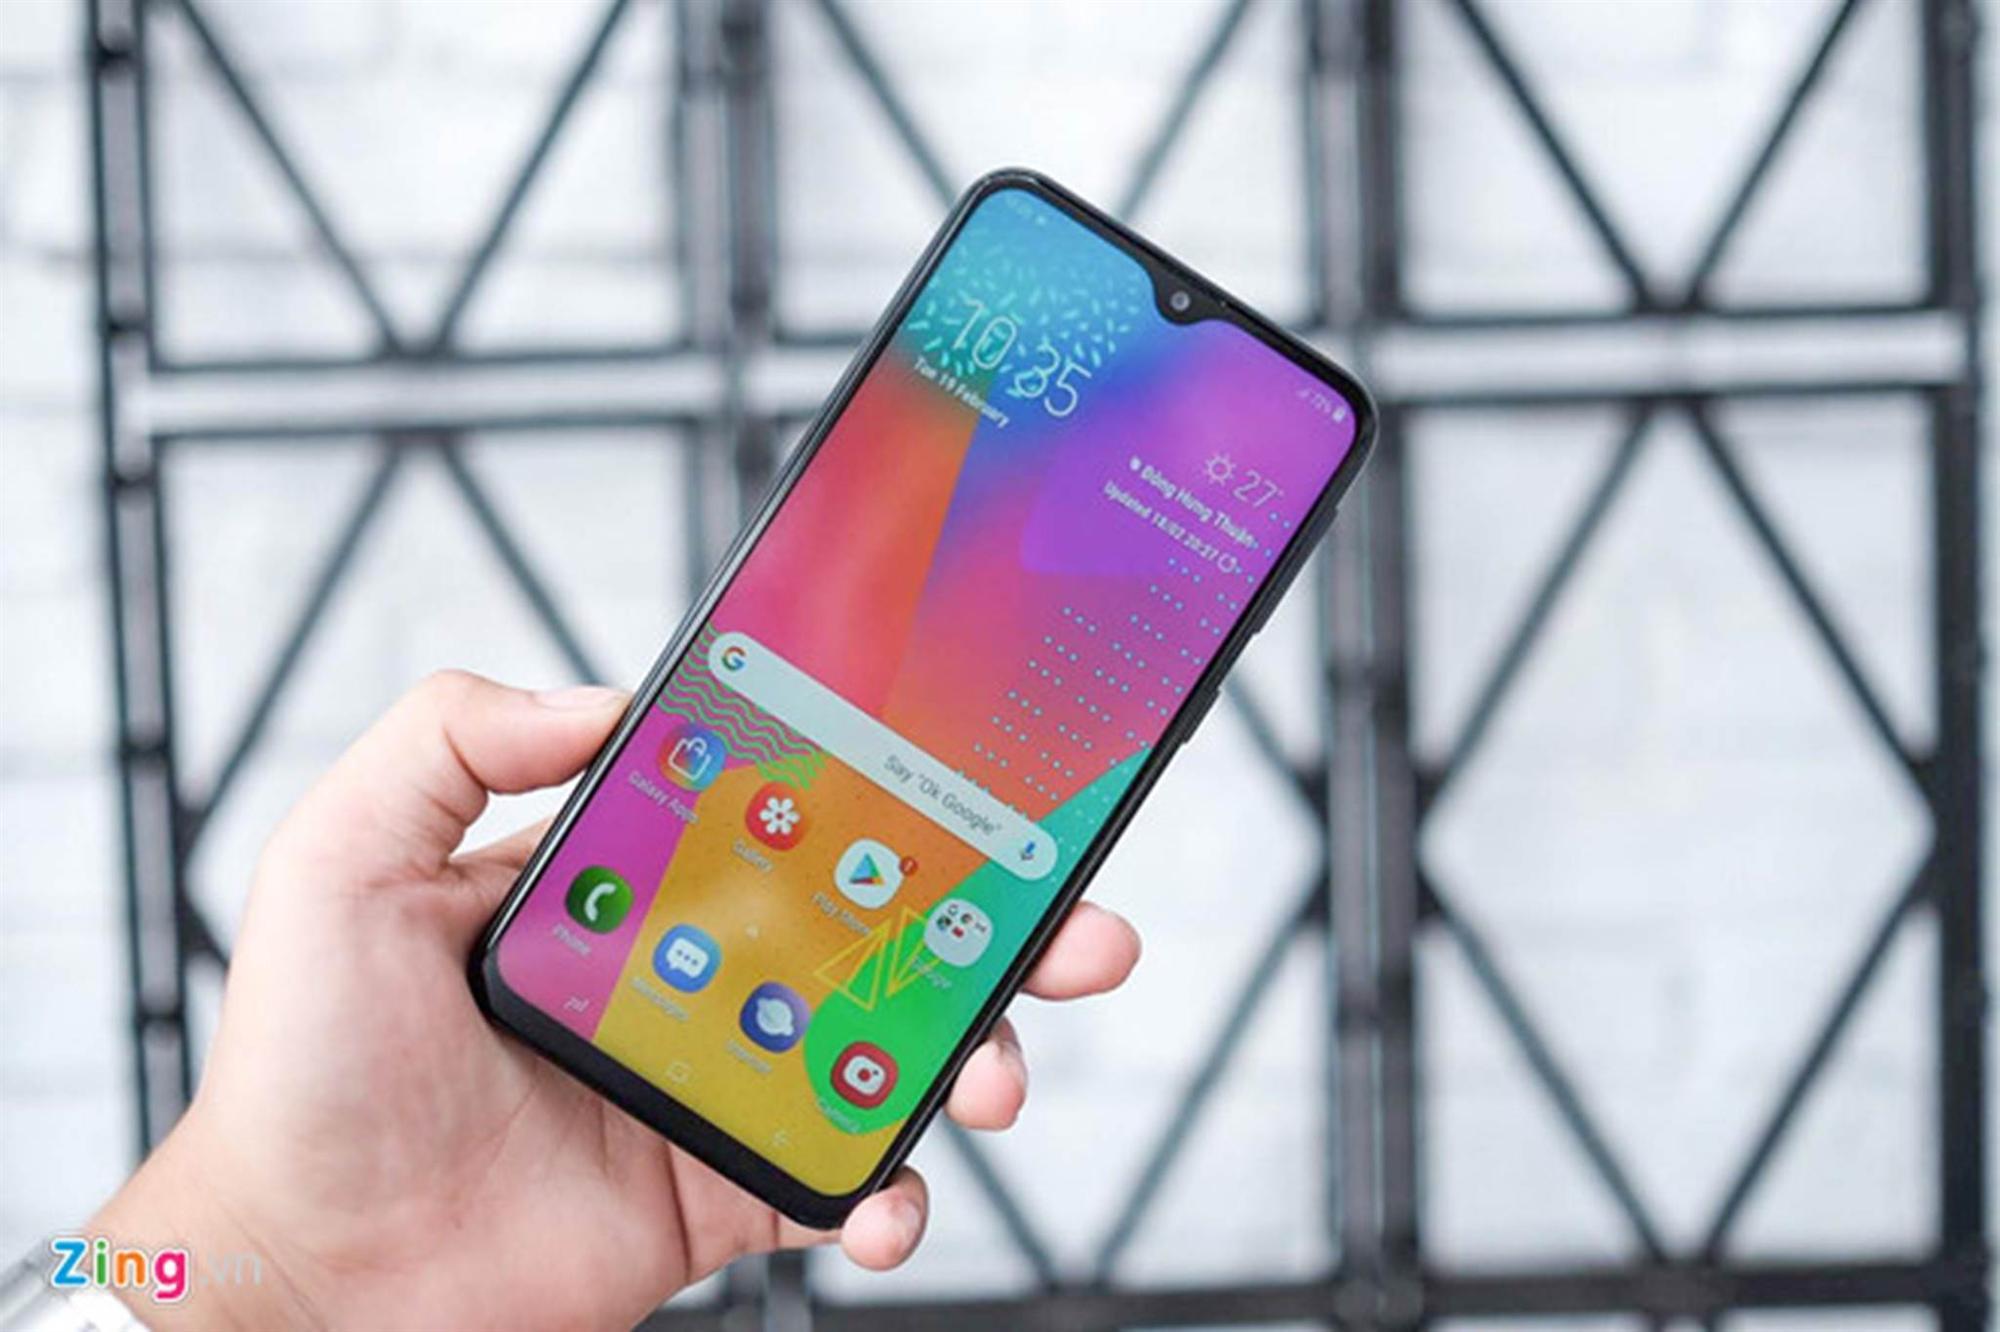 Loạt smartphone pin trâu, giá dưới 5 triệu đồng đang bán tại VN-1